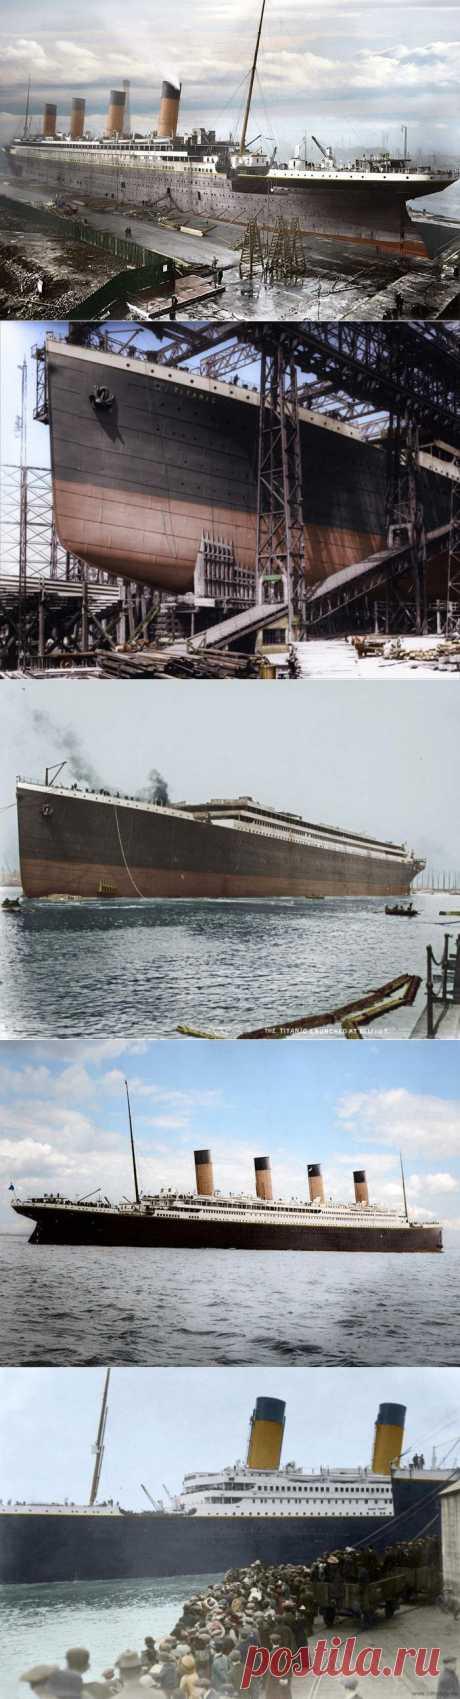 """""""Титаник"""" в цвете остальные фото тут https://feldgrau.info/index.php/2010-09-02-14-48-28/8777-291213"""